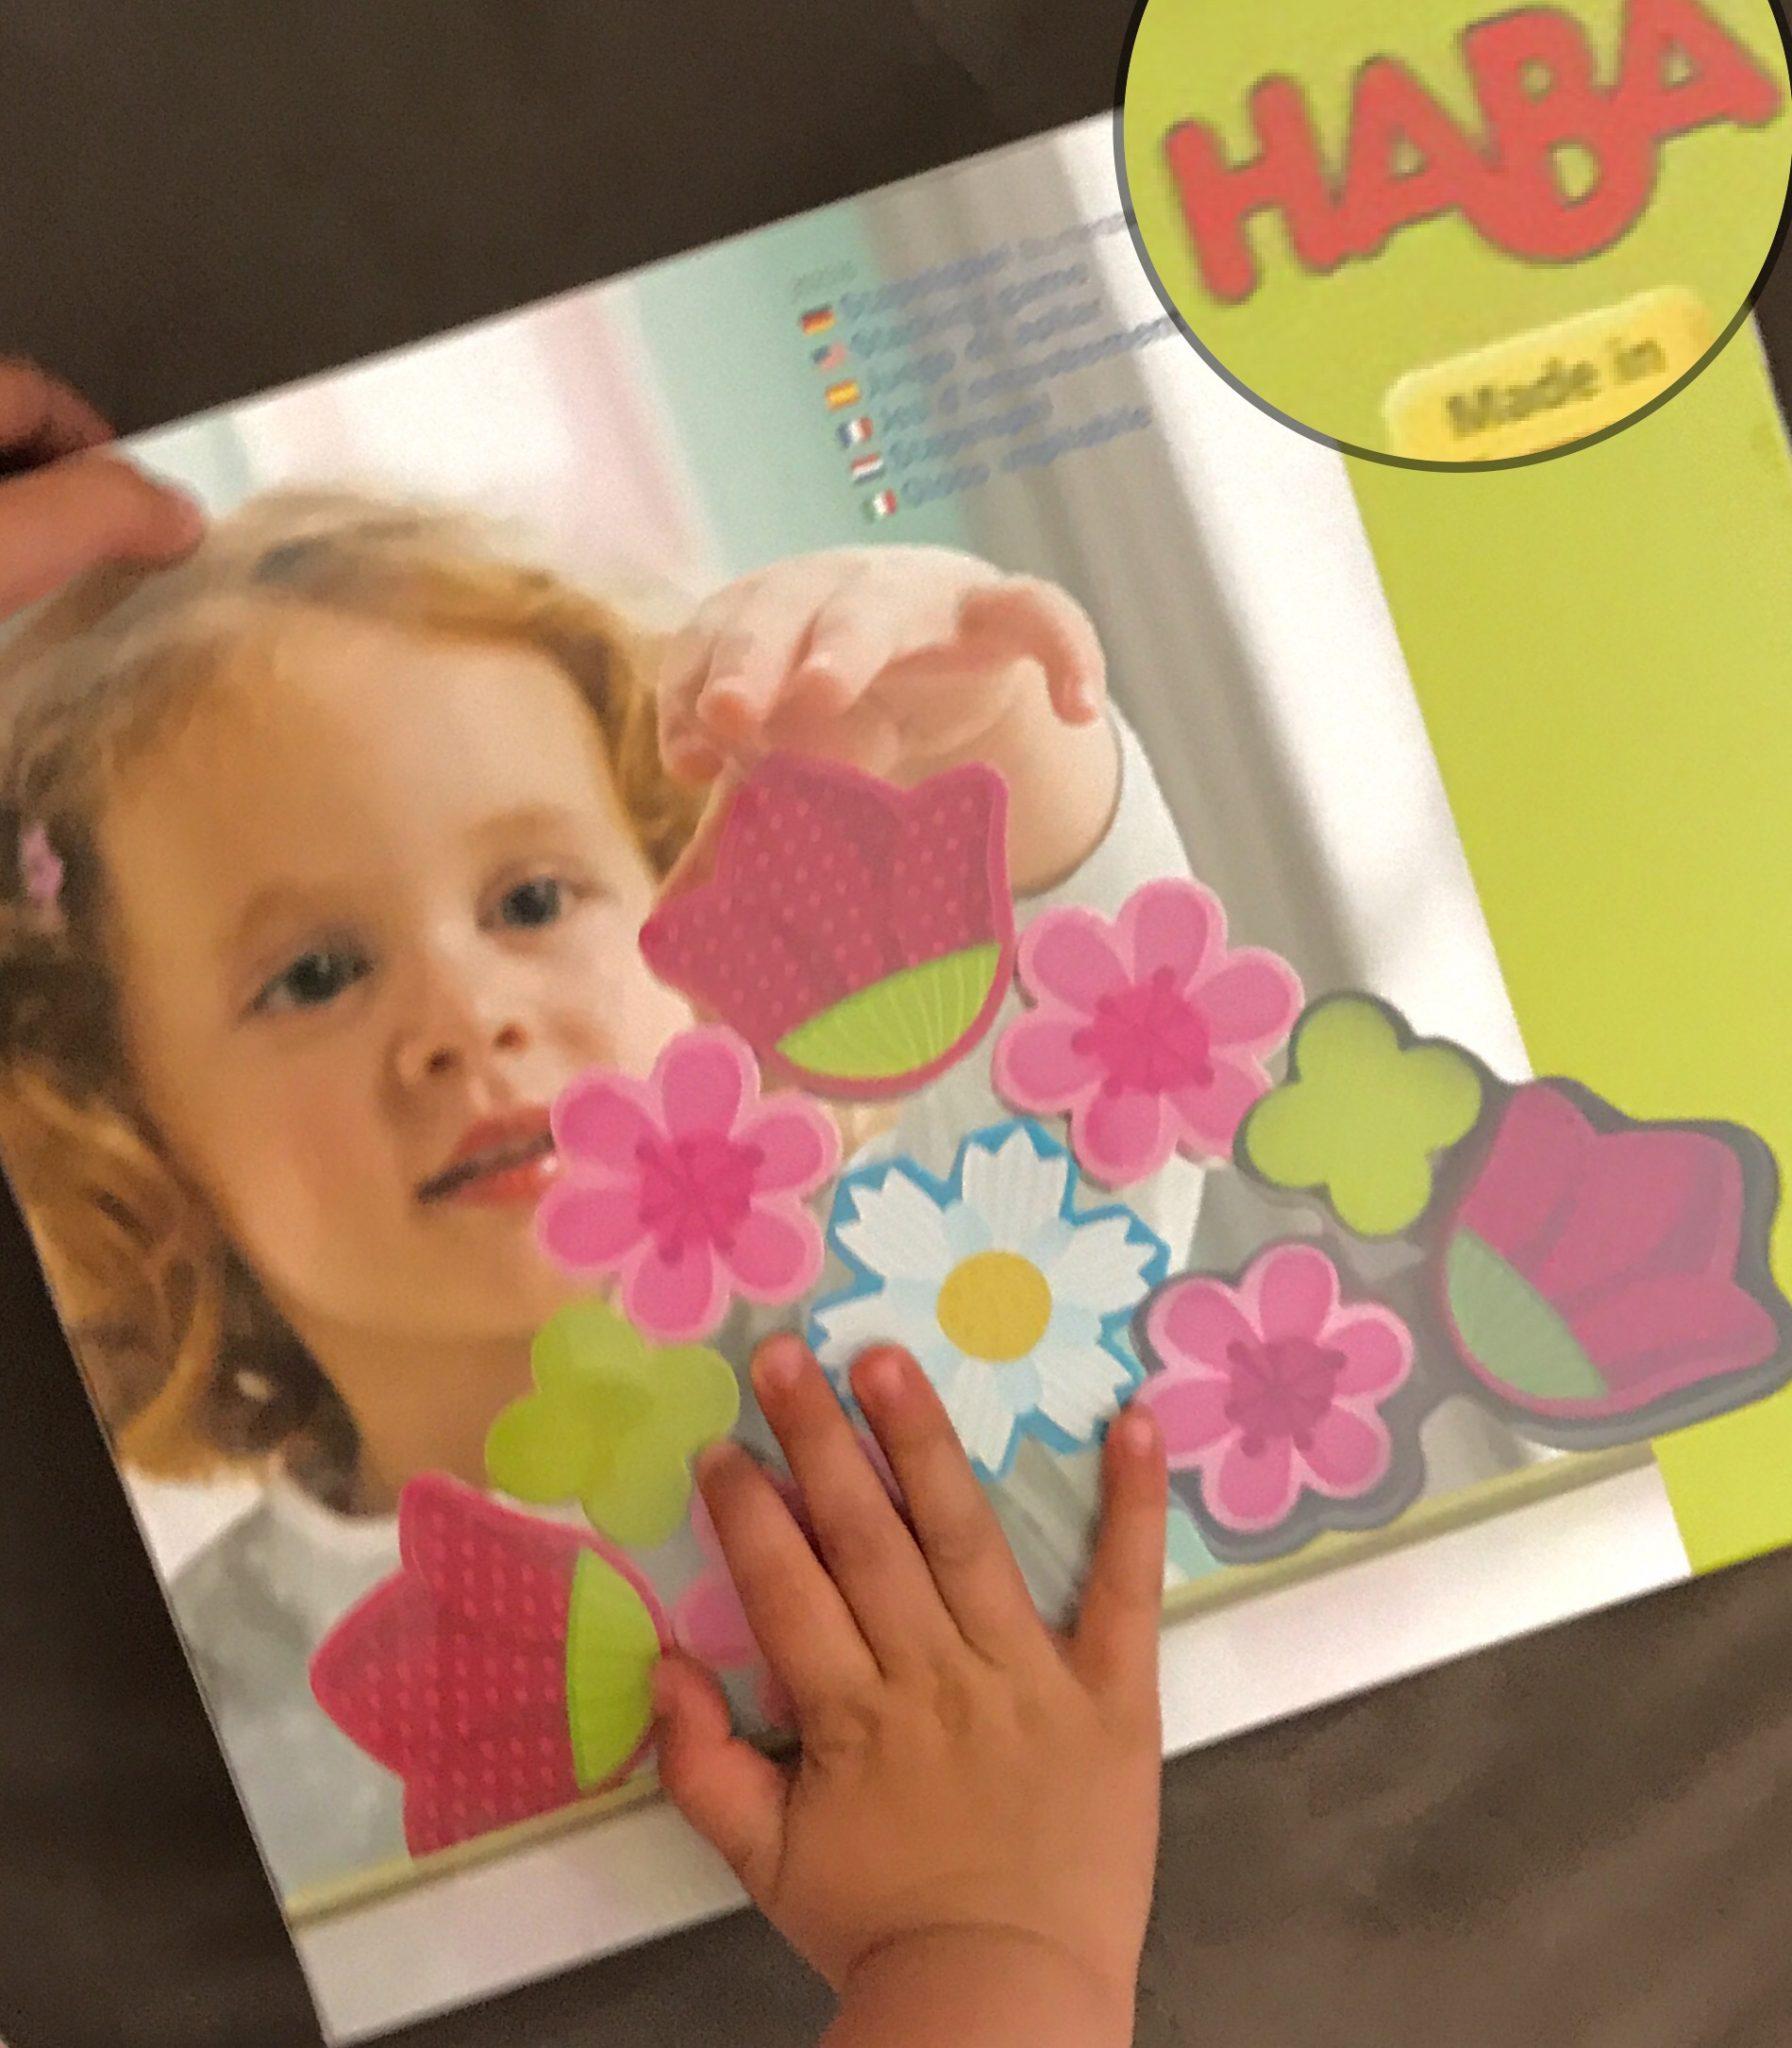 Haba jeu d'encastrement fleurs magiques blog MummyBenti 1